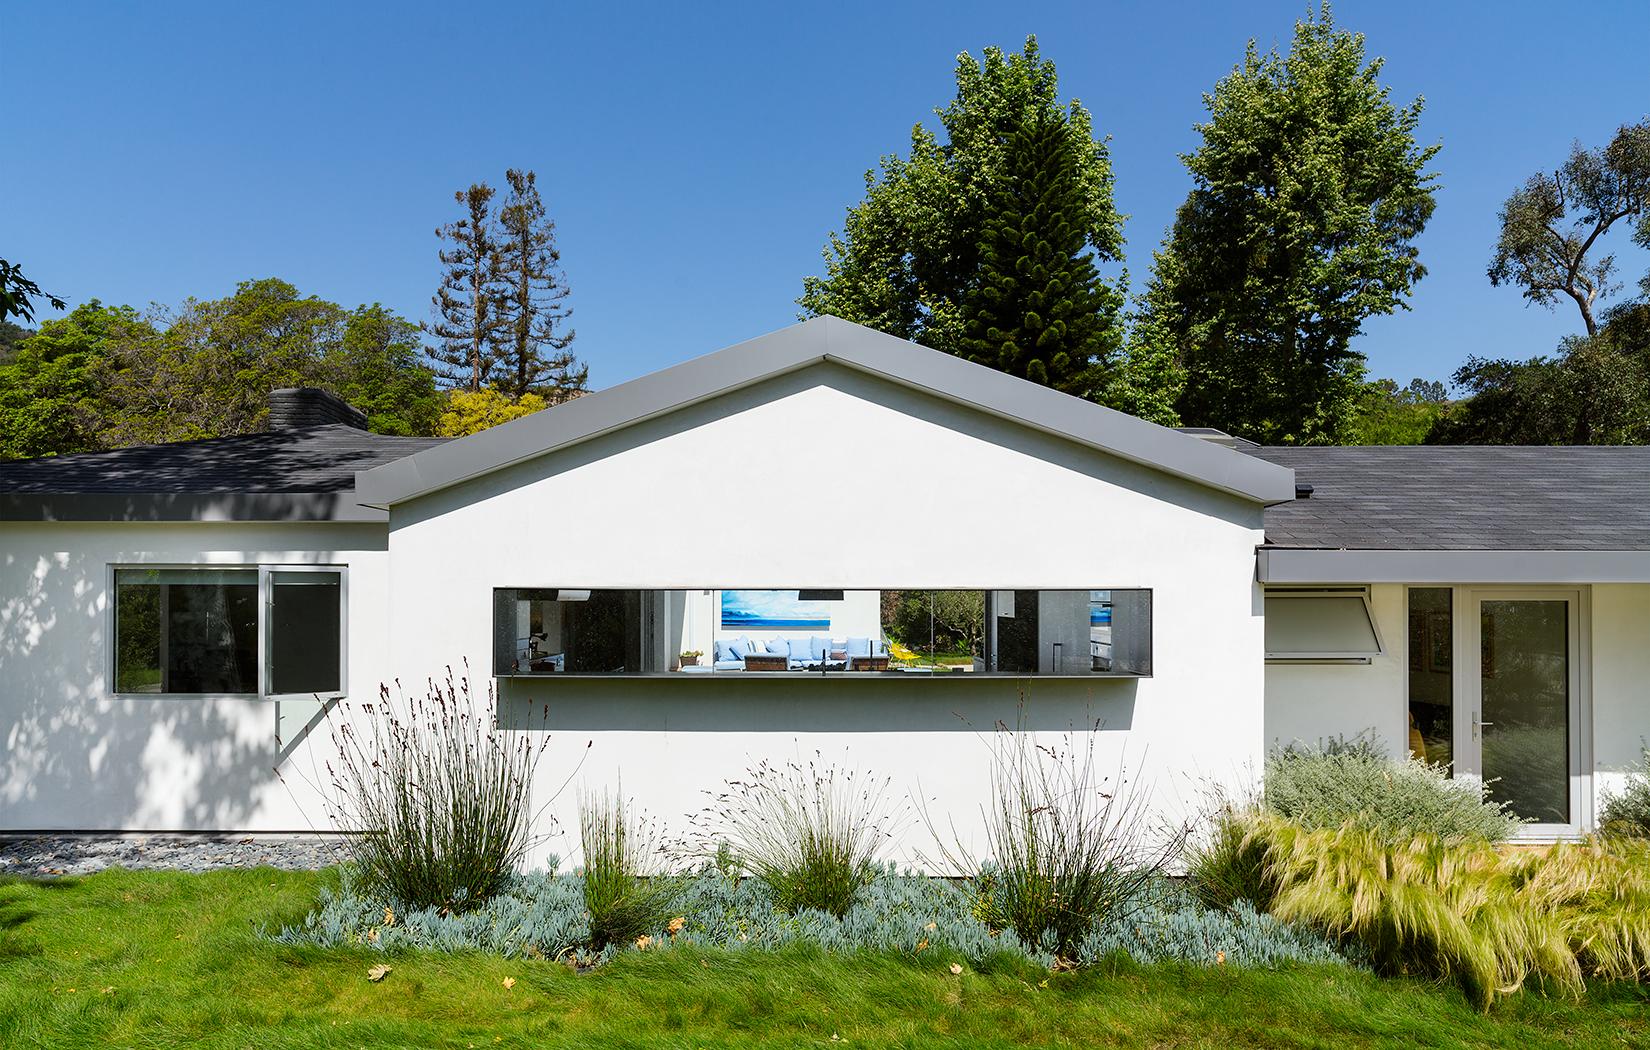 Exterior facade of a Bel Air ranch-style home